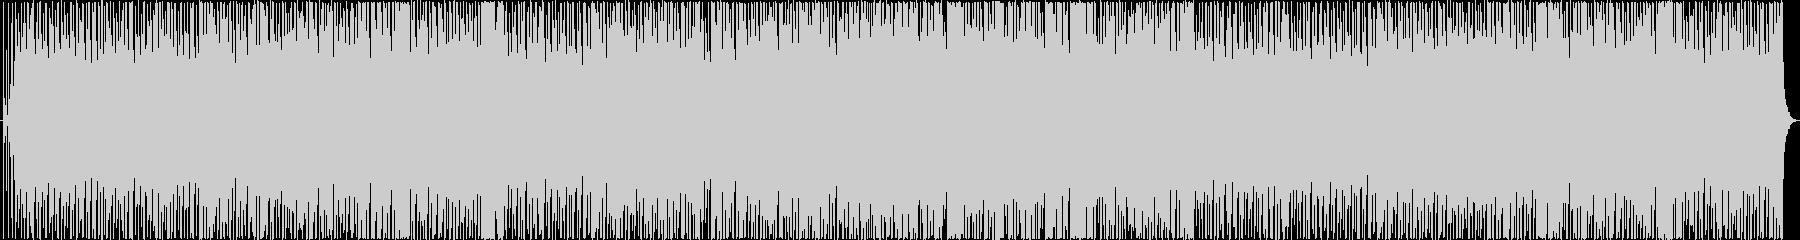 軽快なジャズピアノトリオ演奏の未再生の波形